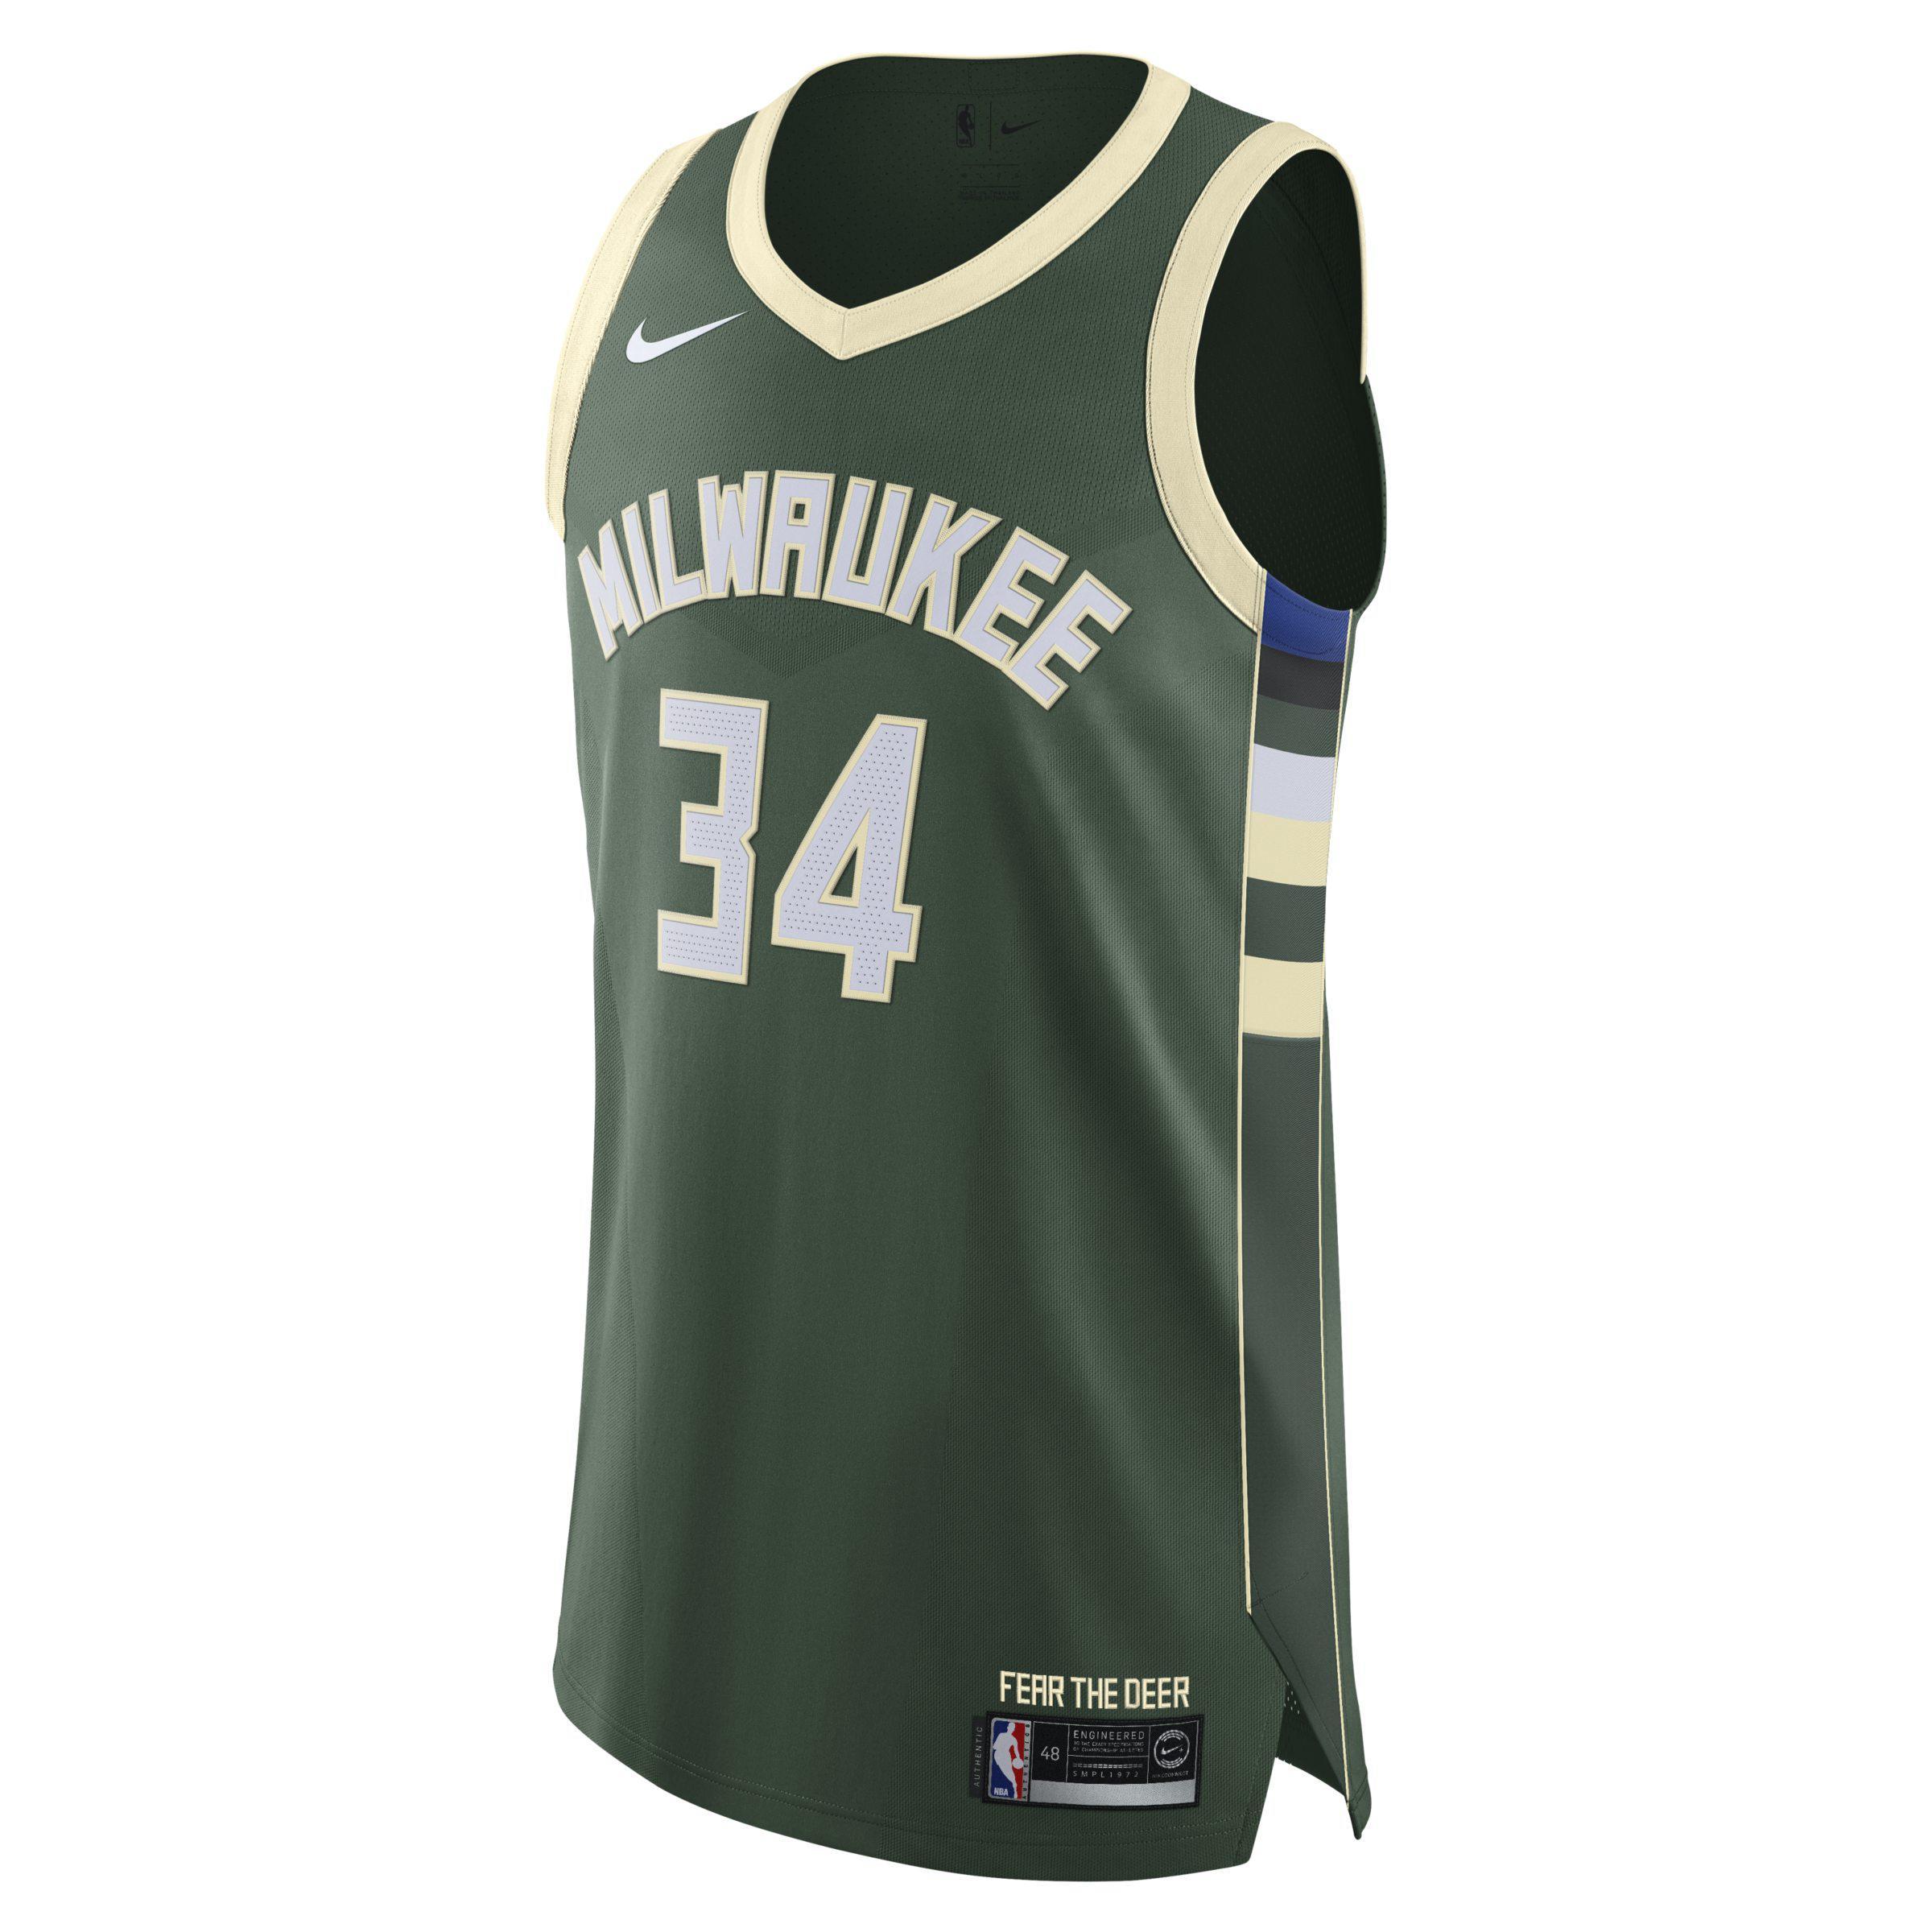 966e0c1e504 Nike Giannis Antetokounmpo Icon Edition Swingman Jersey (milwaukee ...